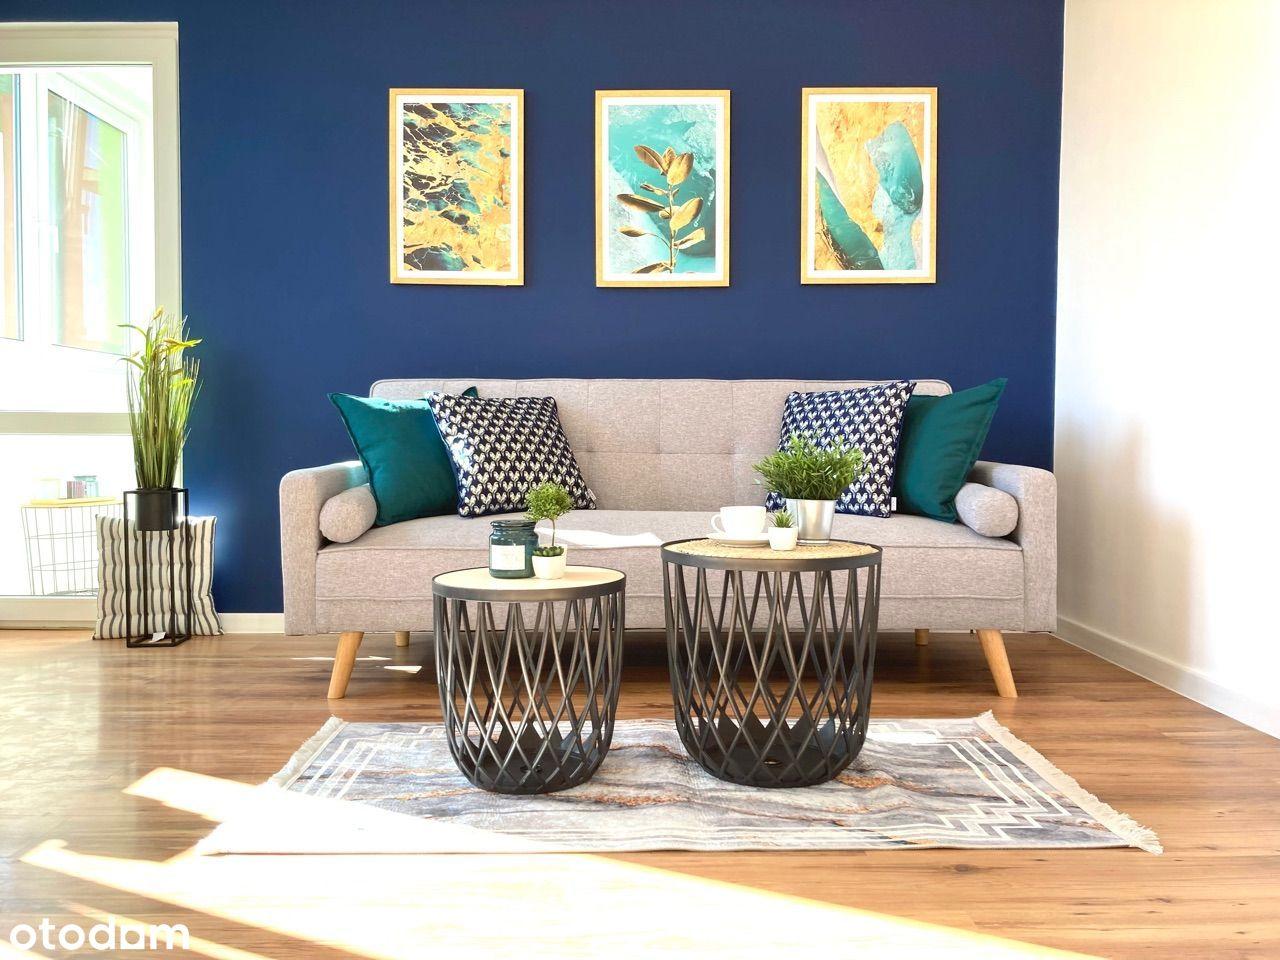 | Lubin | piękne mieszkanie | 58 m2 | REZERWACJA